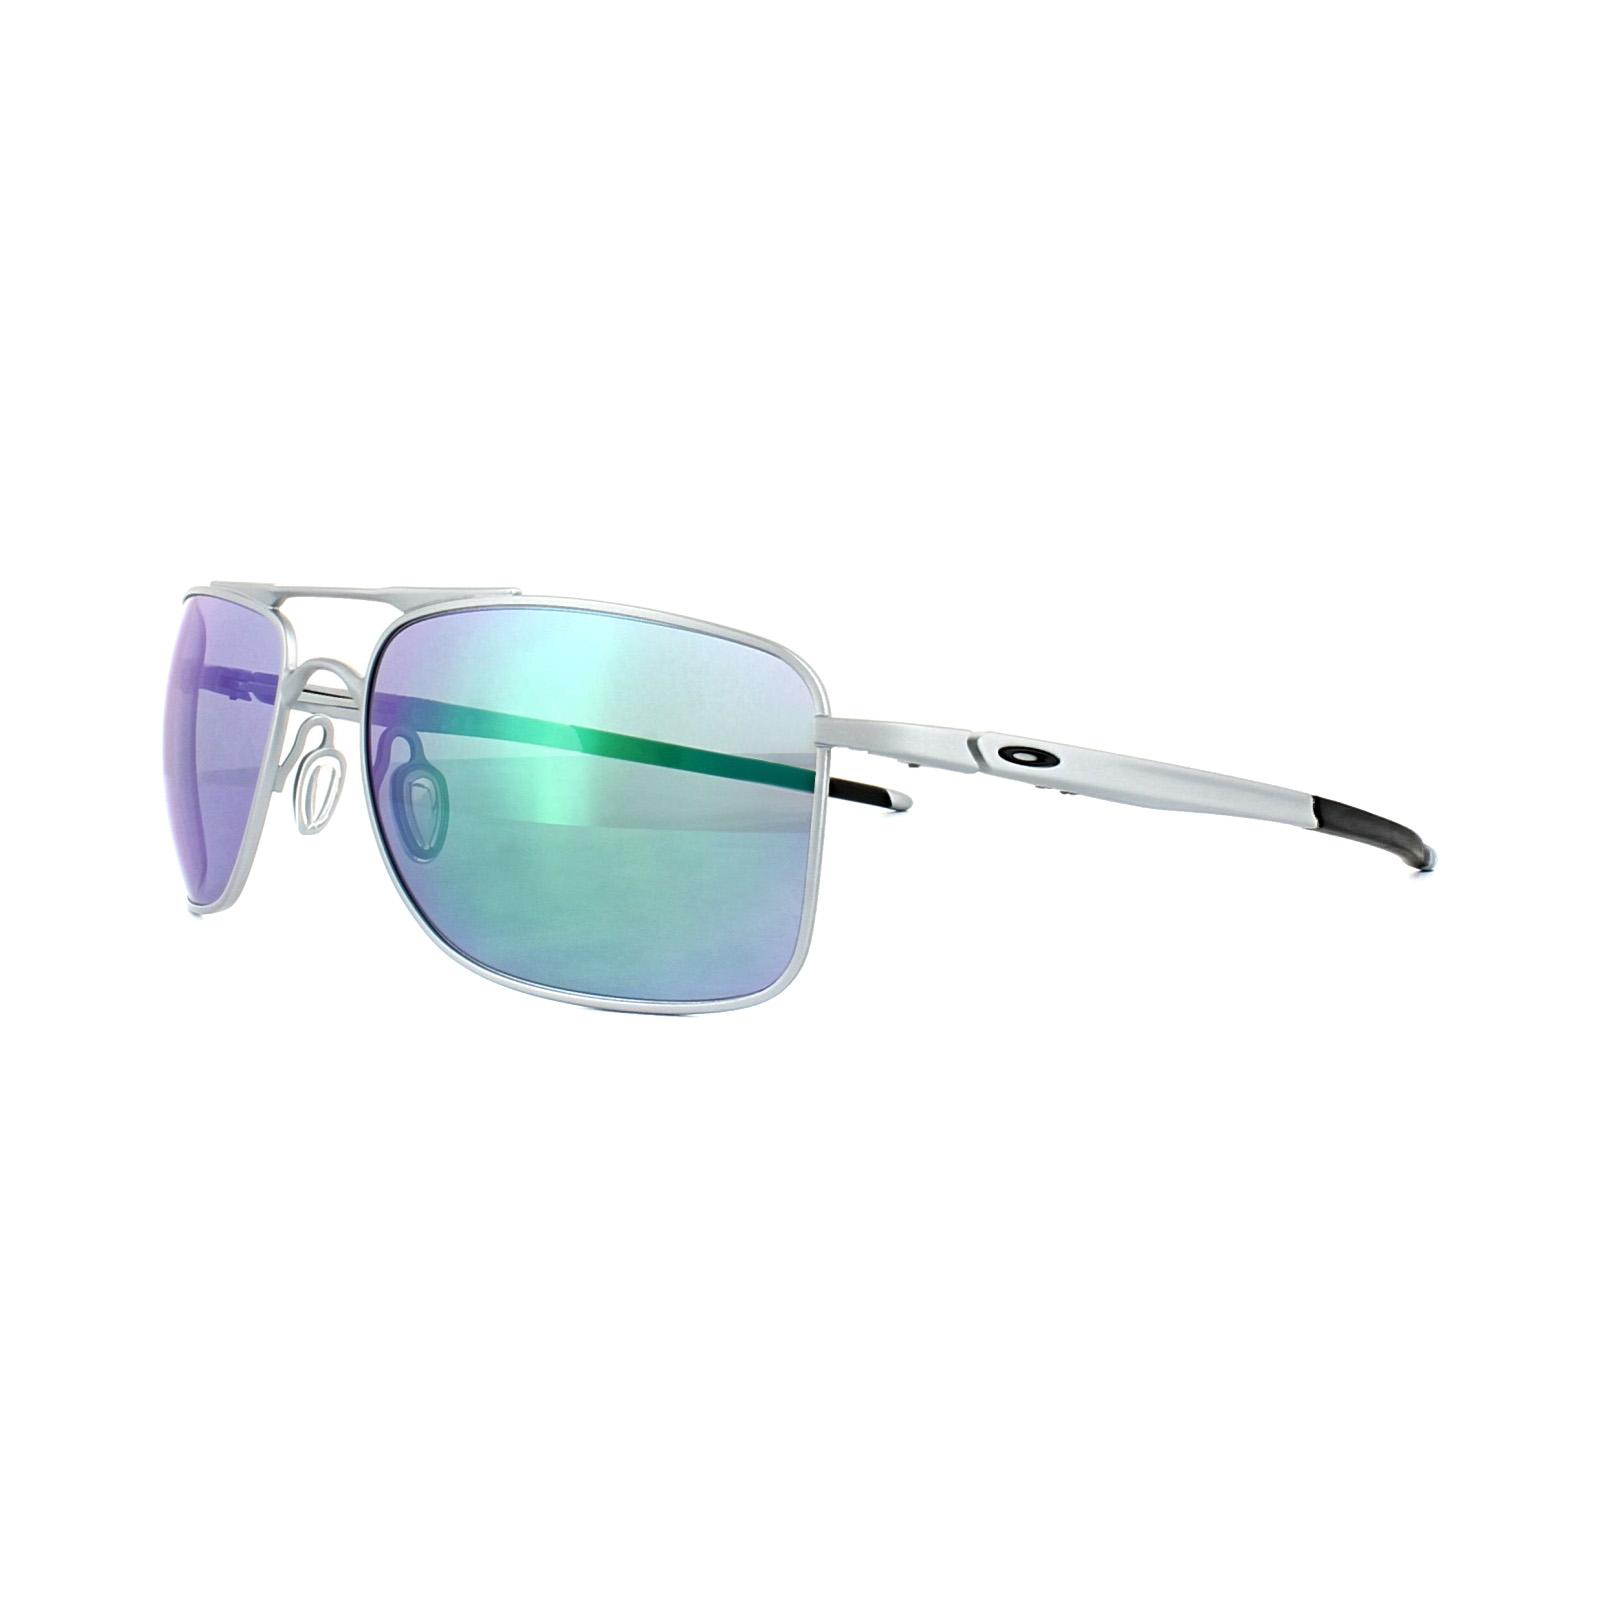 b0c25c82ea8 Sentinel Oakley Sunglasses Gauge 8 M OO4124-04 Matt Lead Jade Iridium